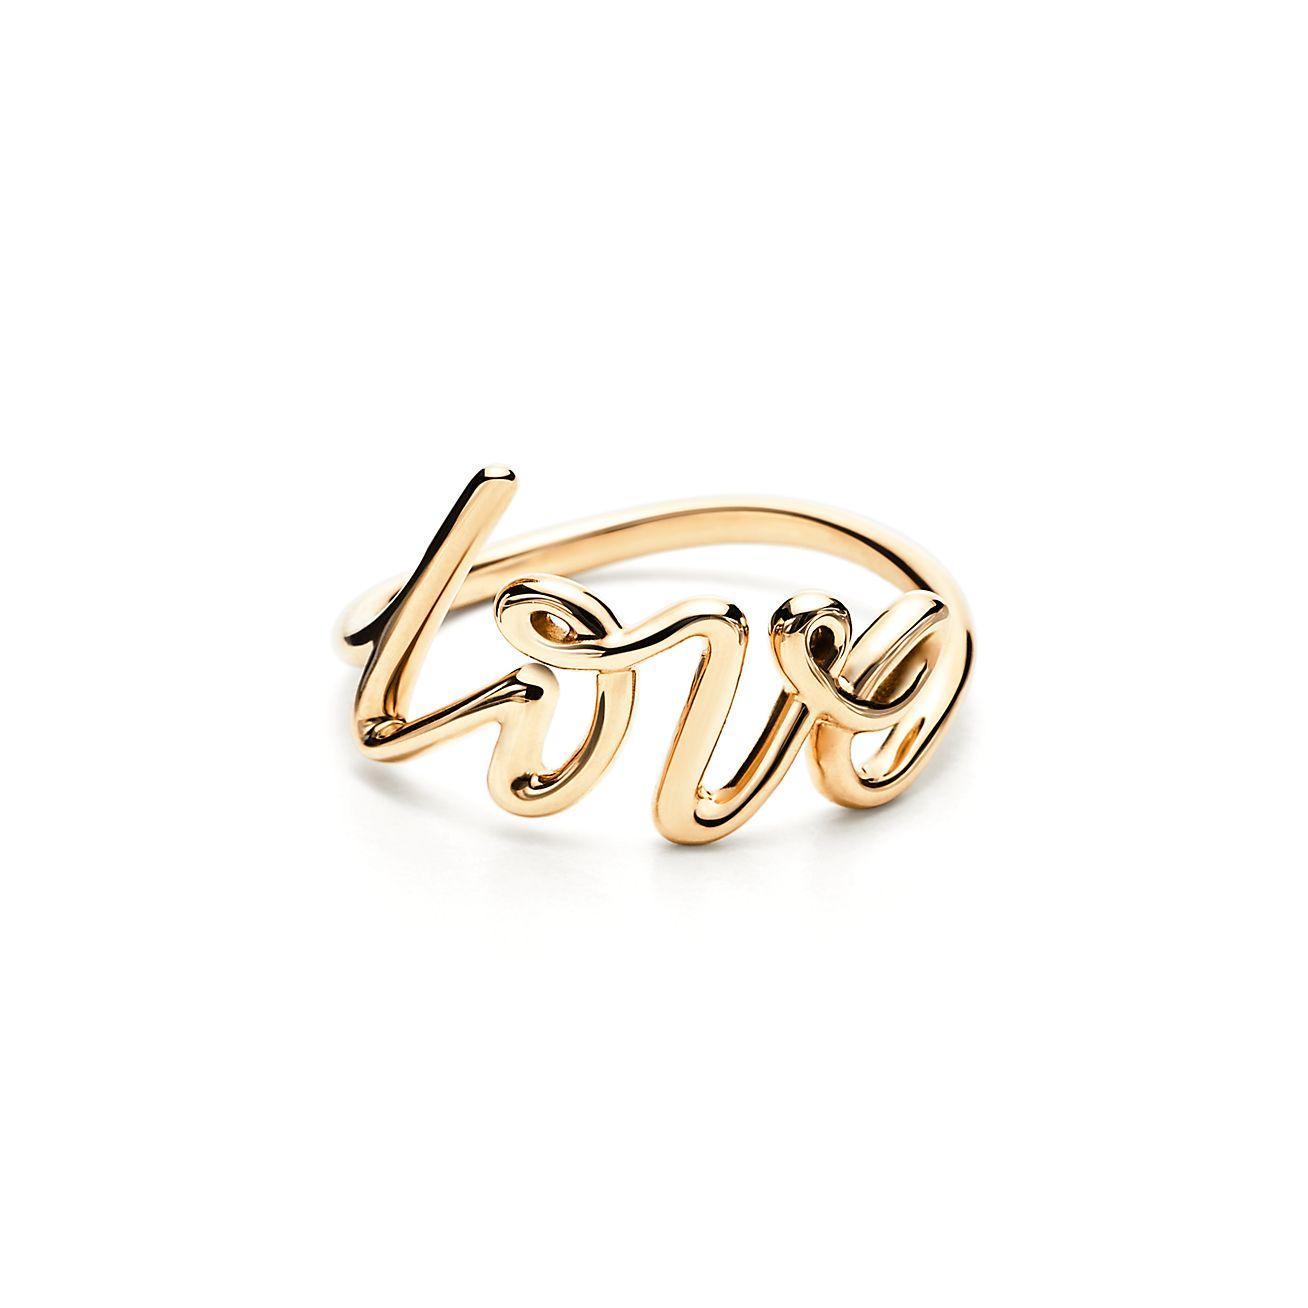 Paloma S Graffiti Love Ring In 18k Gold Tiffany Co